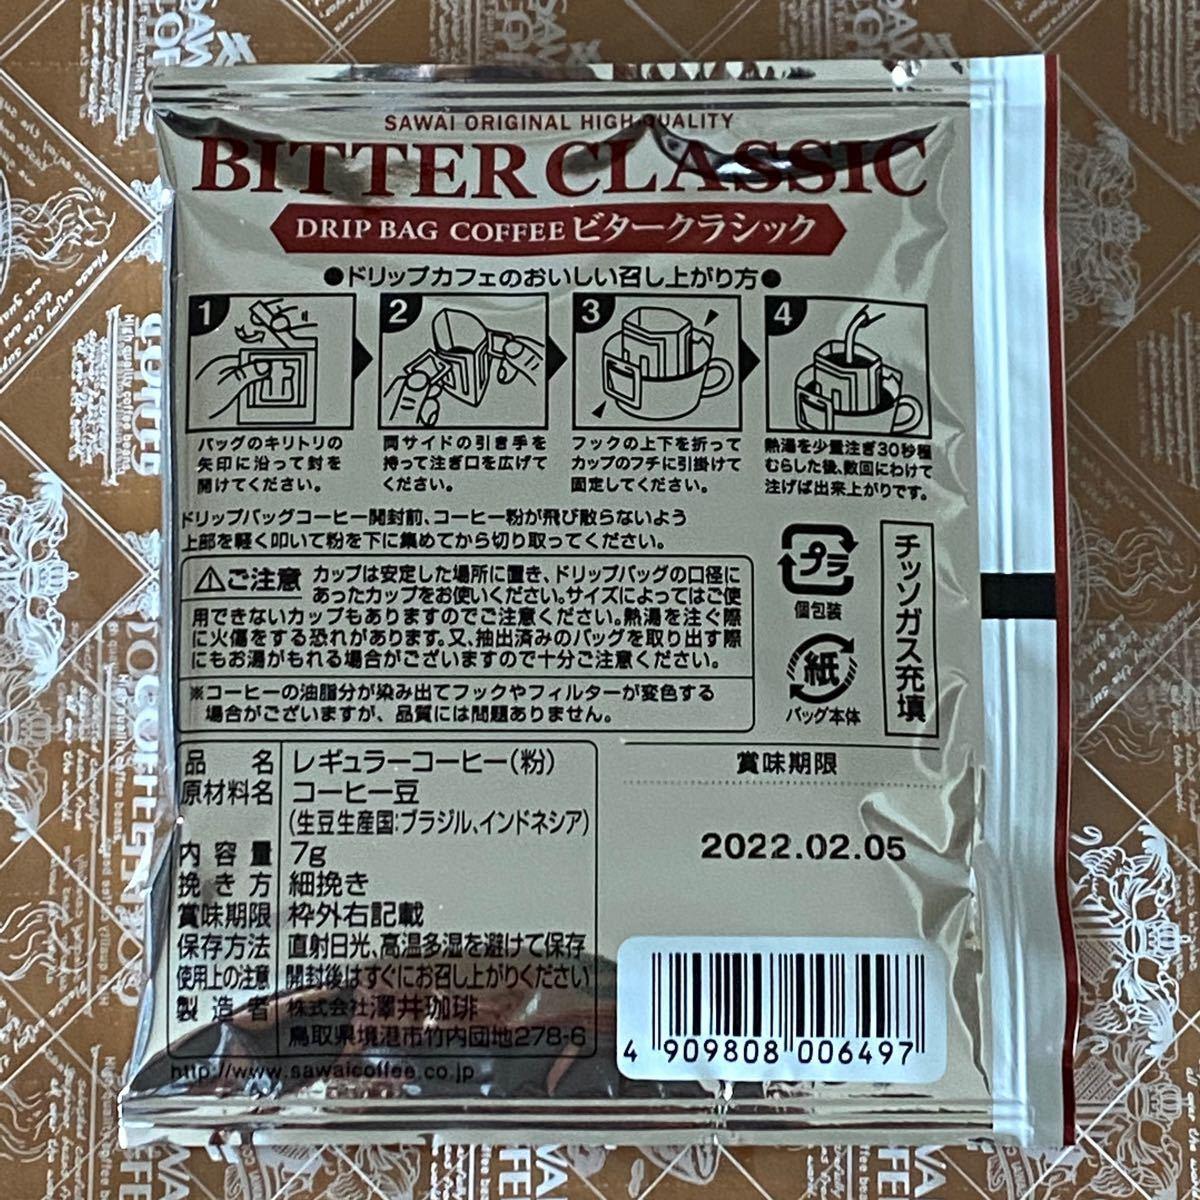 澤井珈琲 ドリップコーヒー レギュラーコーヒー 10袋